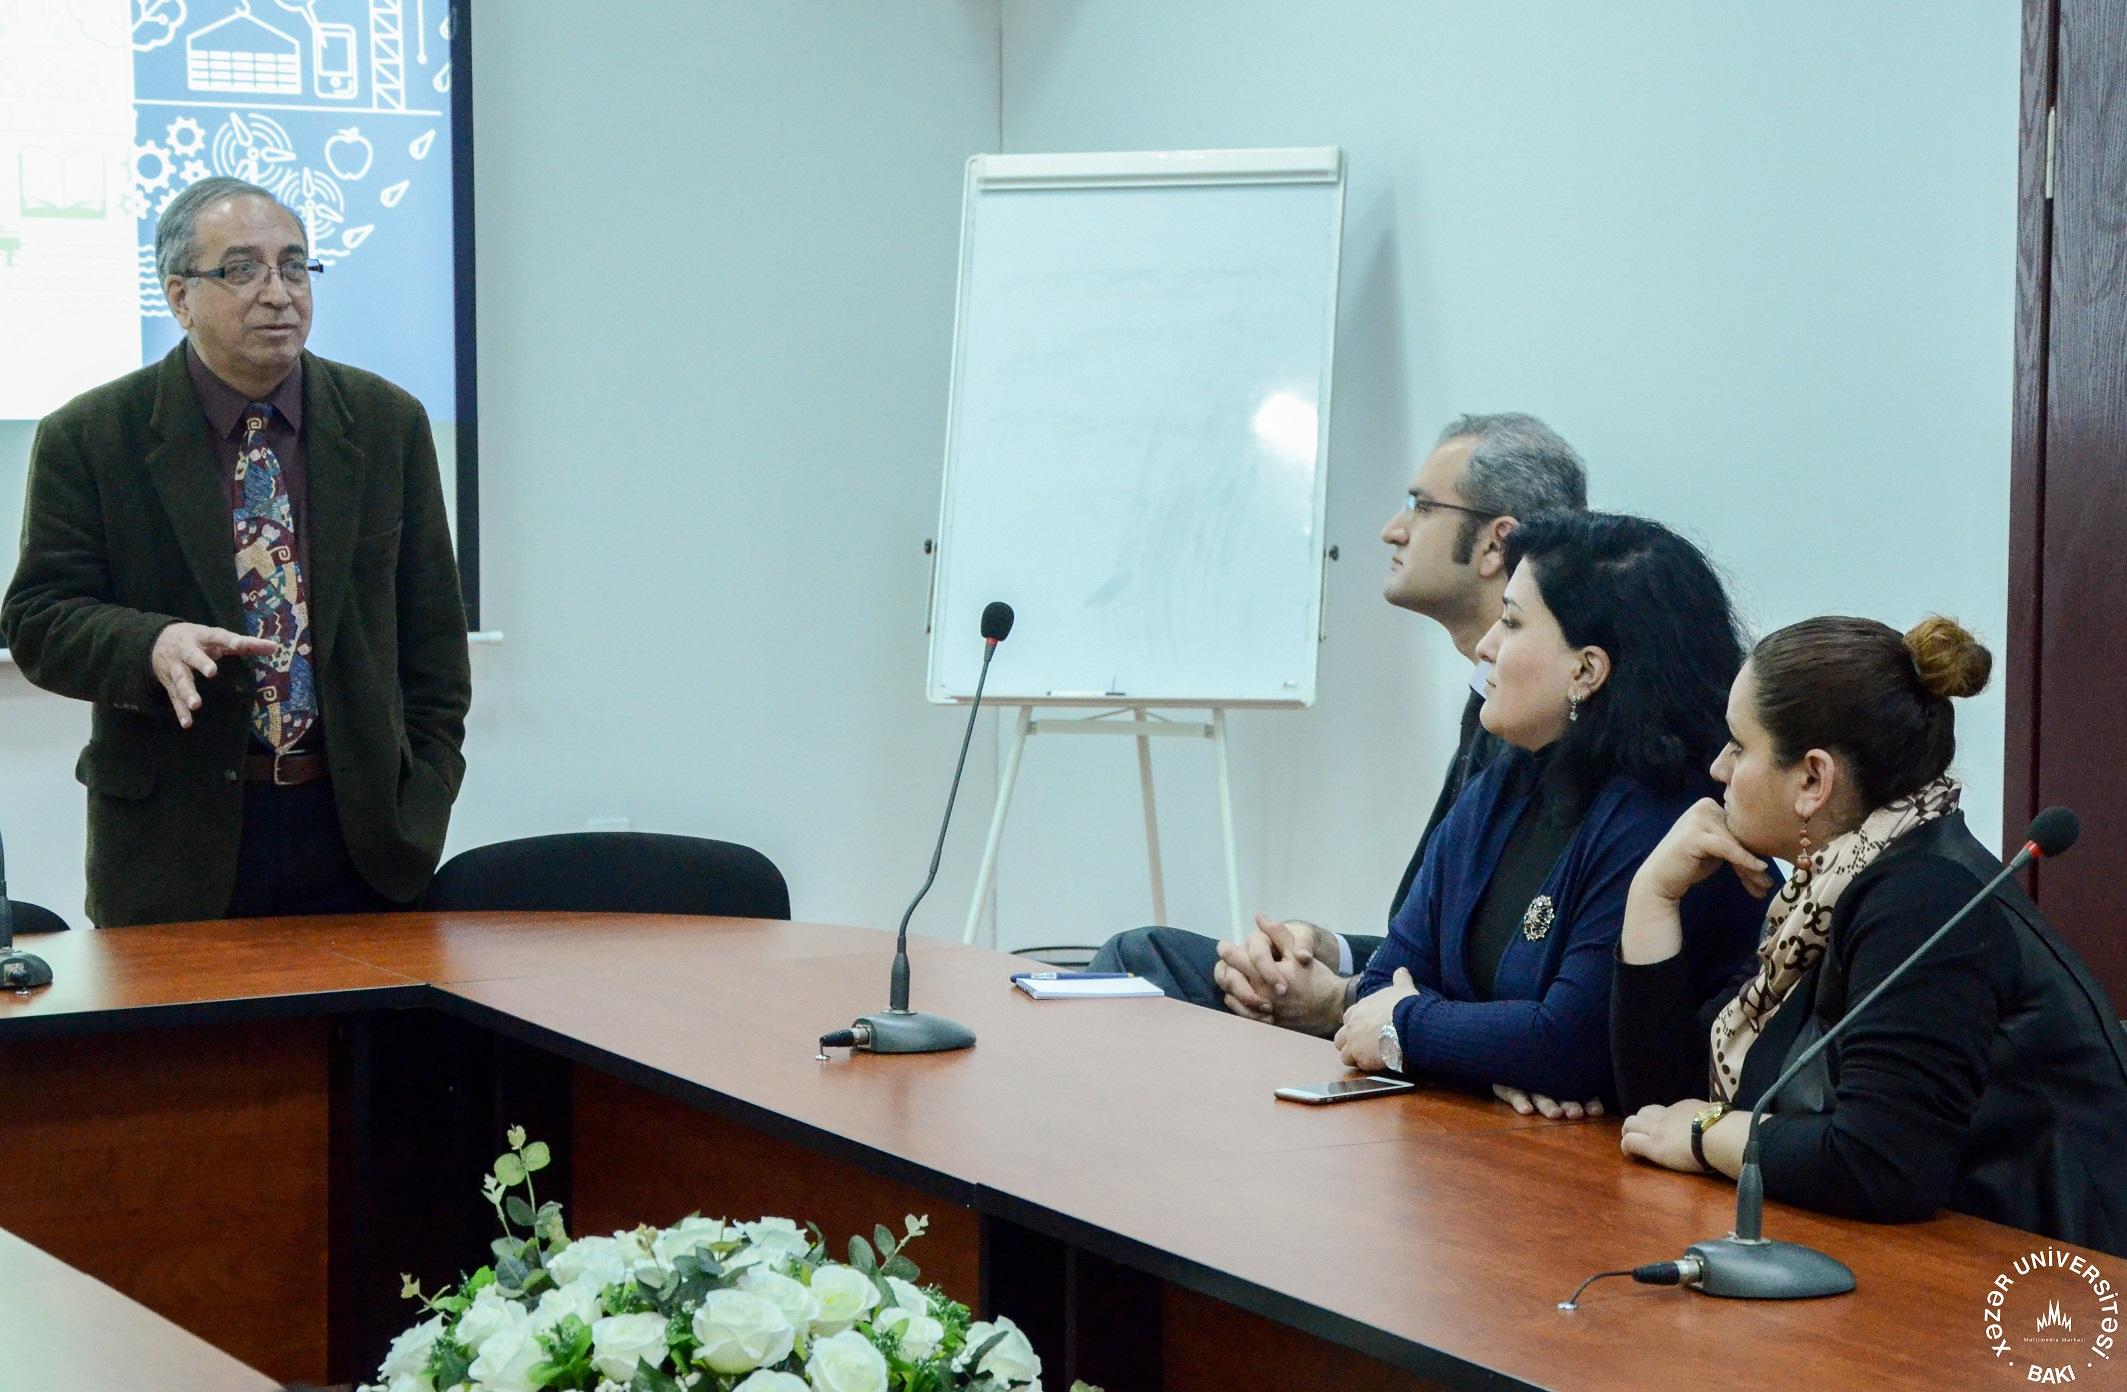 Encotec Meeting at Khazar